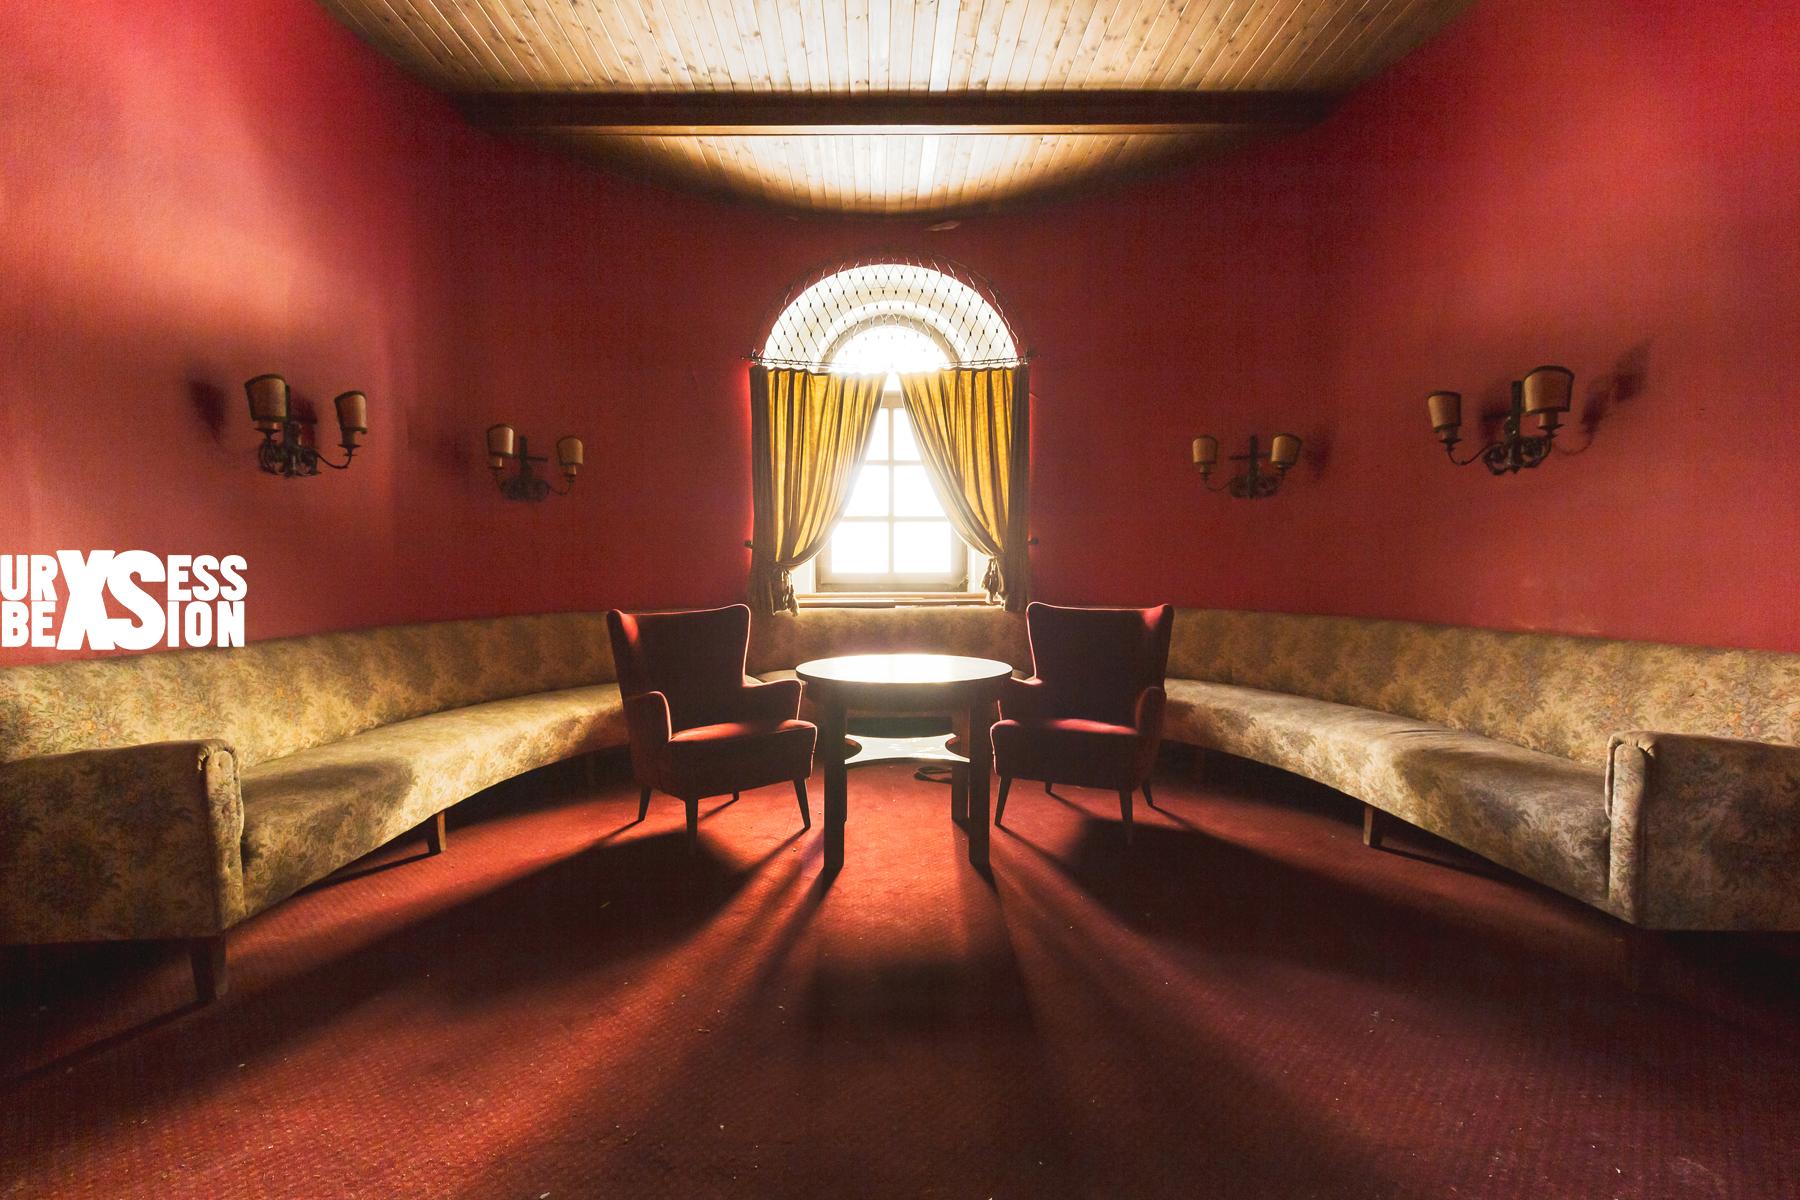 Hôtel abandonné en Autriche | urbexsession.com/hotel-udo-proksch | Urbex Autriche